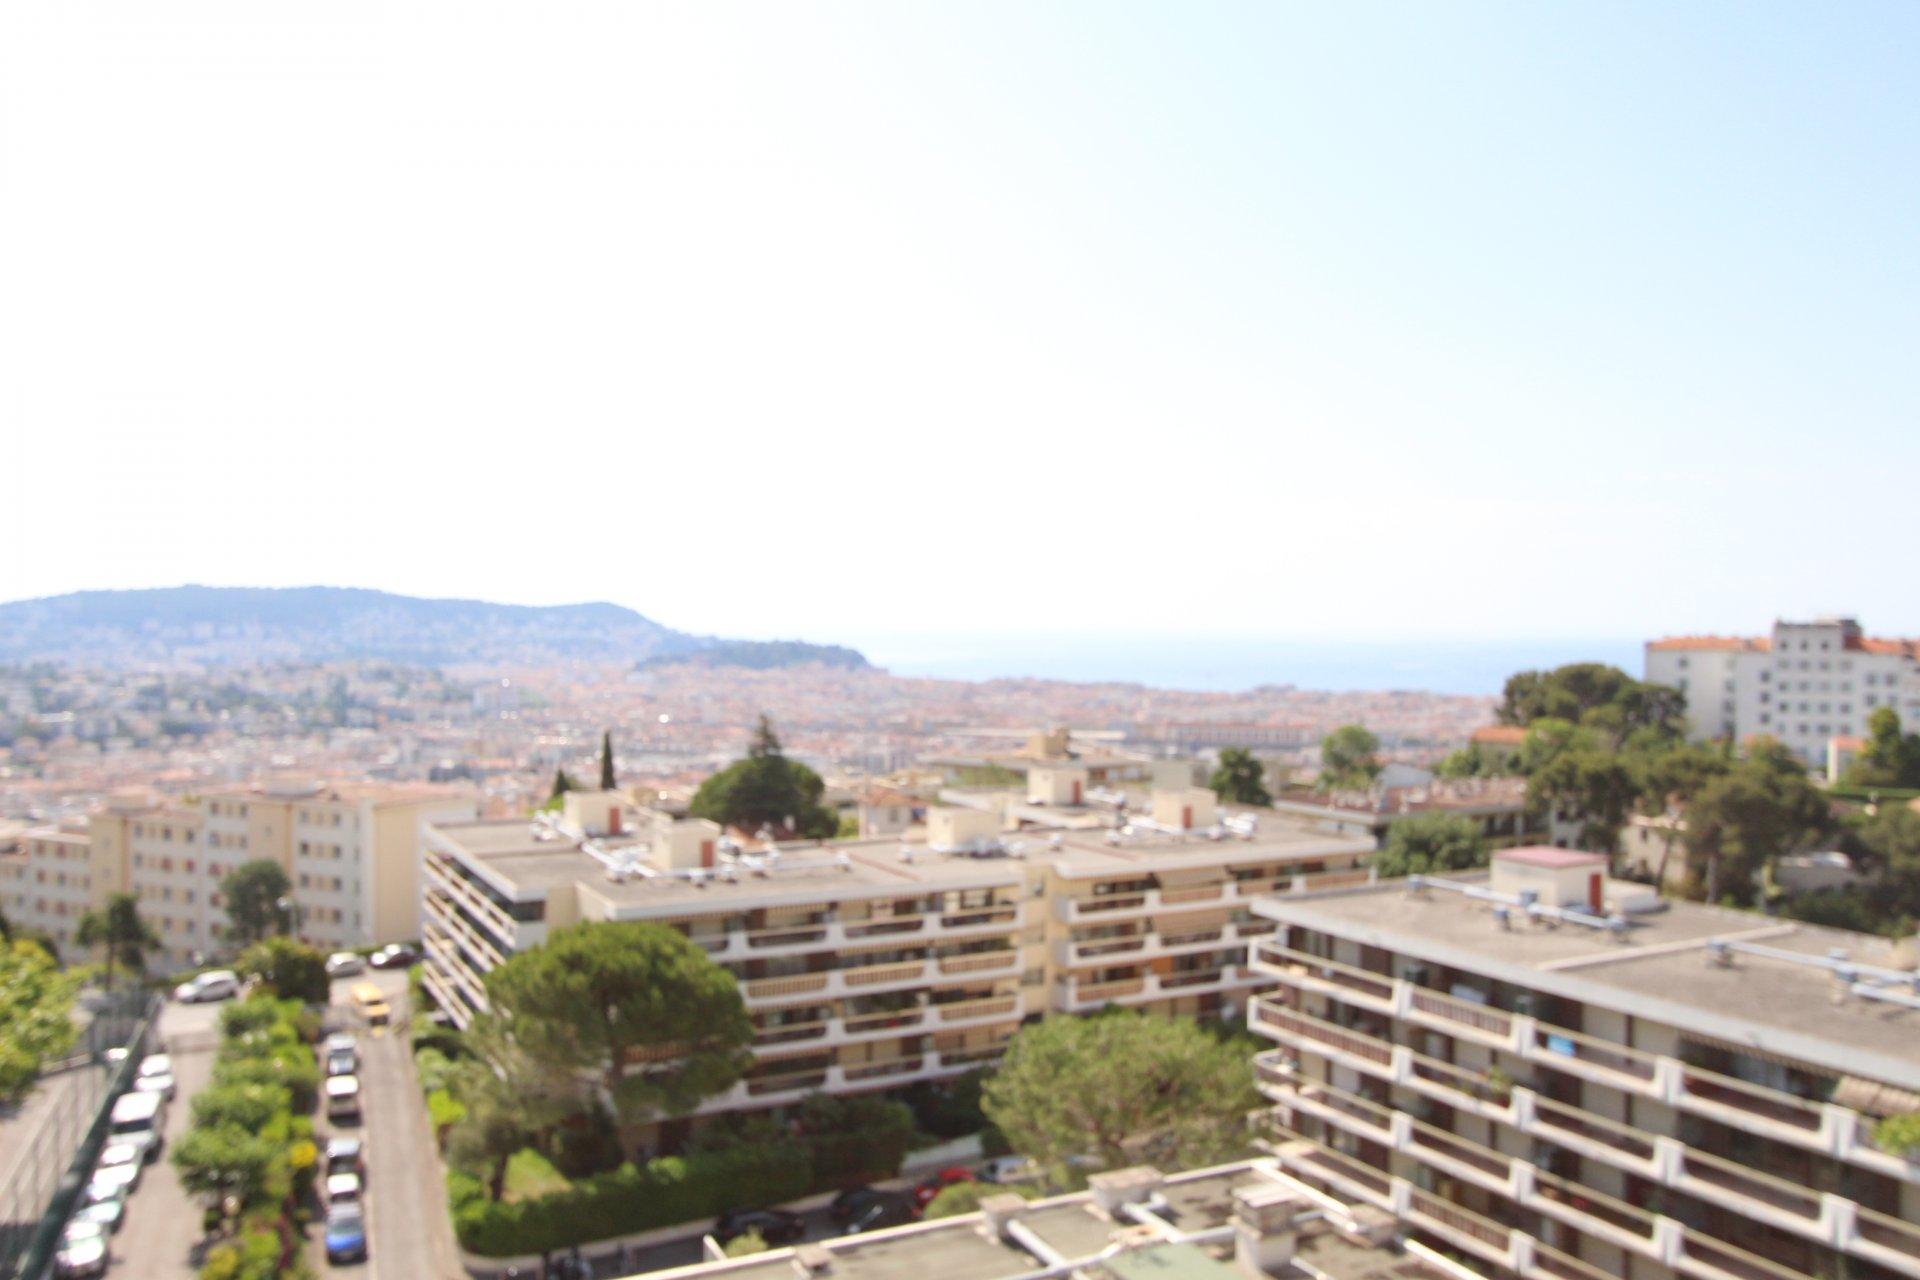 4 P - Pessicart - Vue panoramique - Terrasse